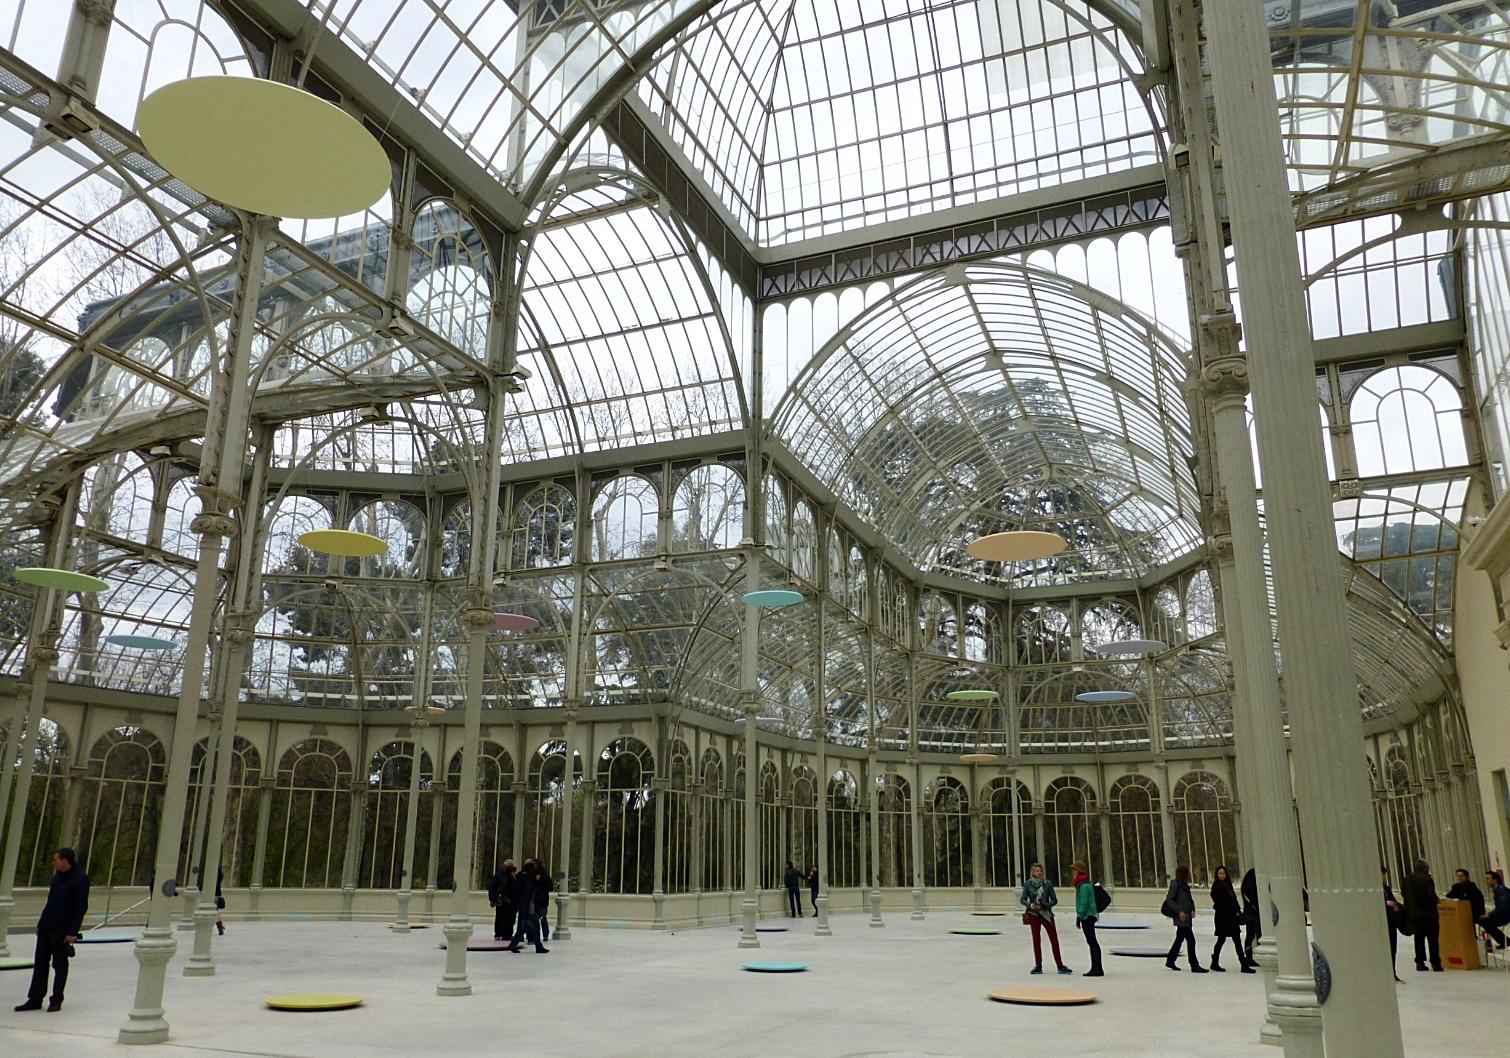 palacio de cristal - parque del buen retiro, madrid